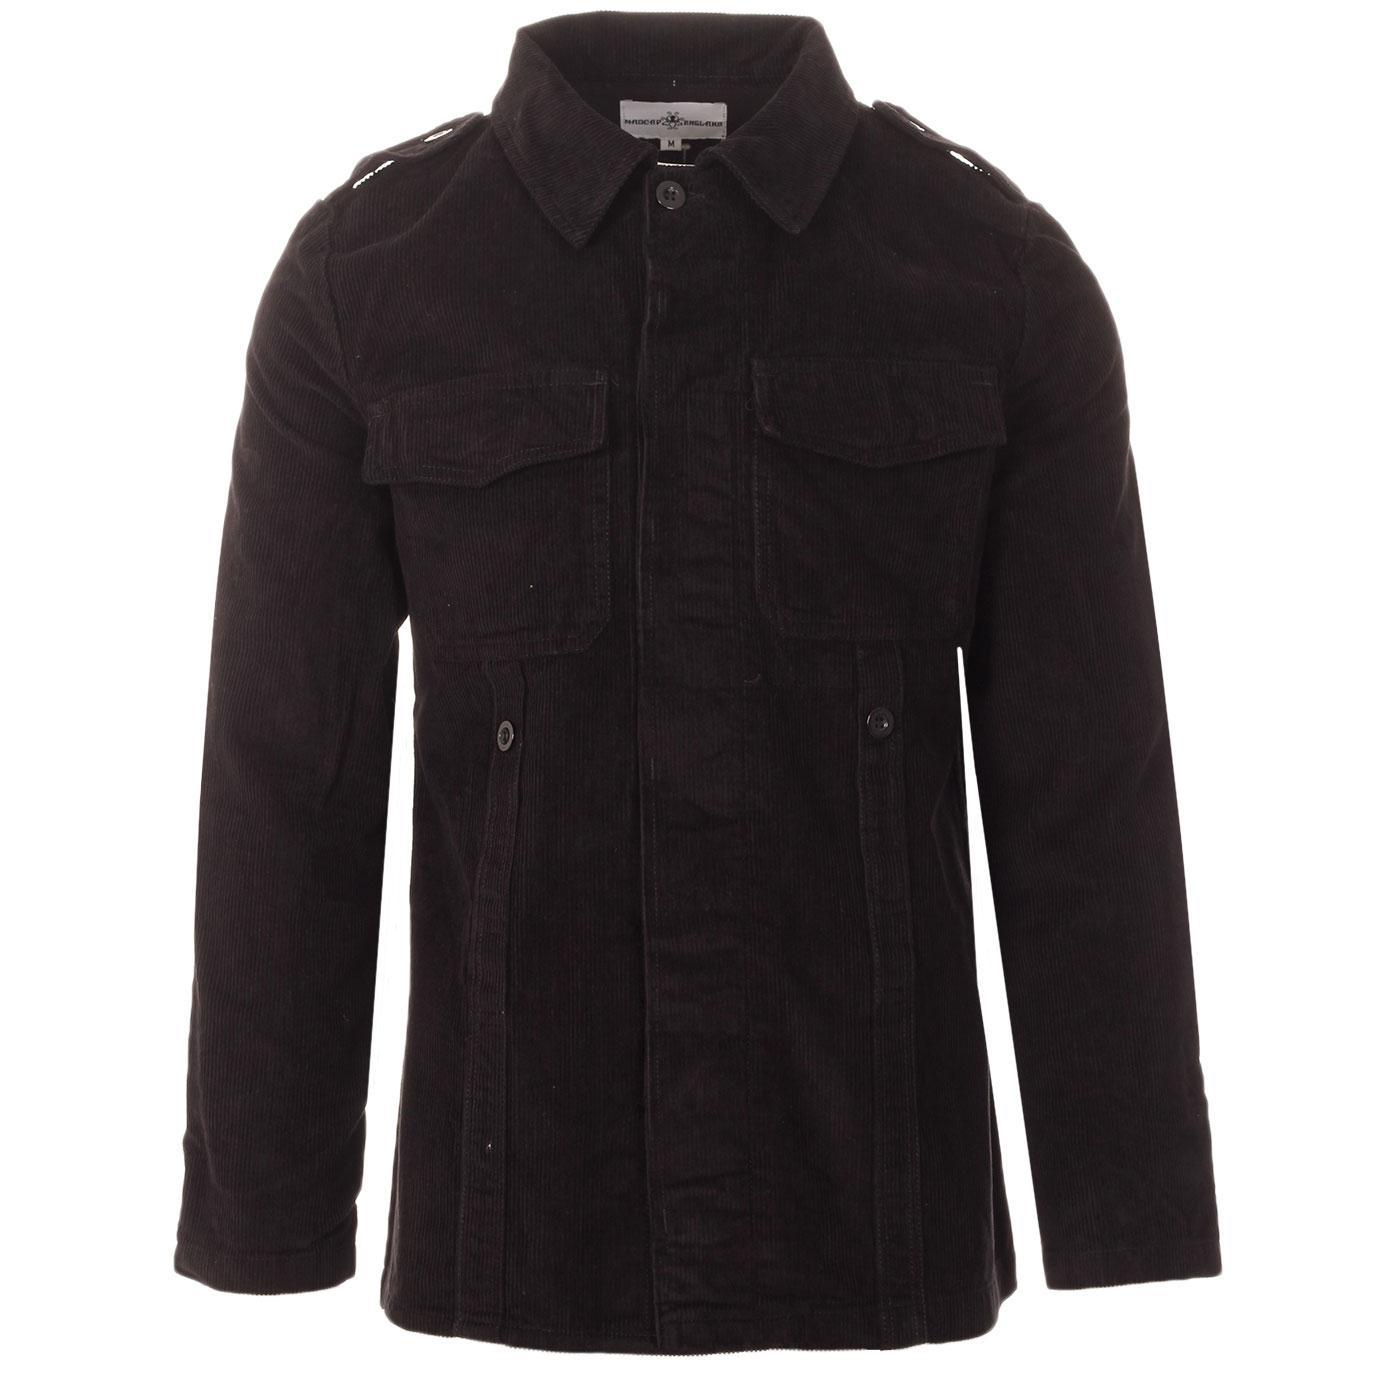 Lennon MADCAP ENGLAND Military Shirt Jacket (B)